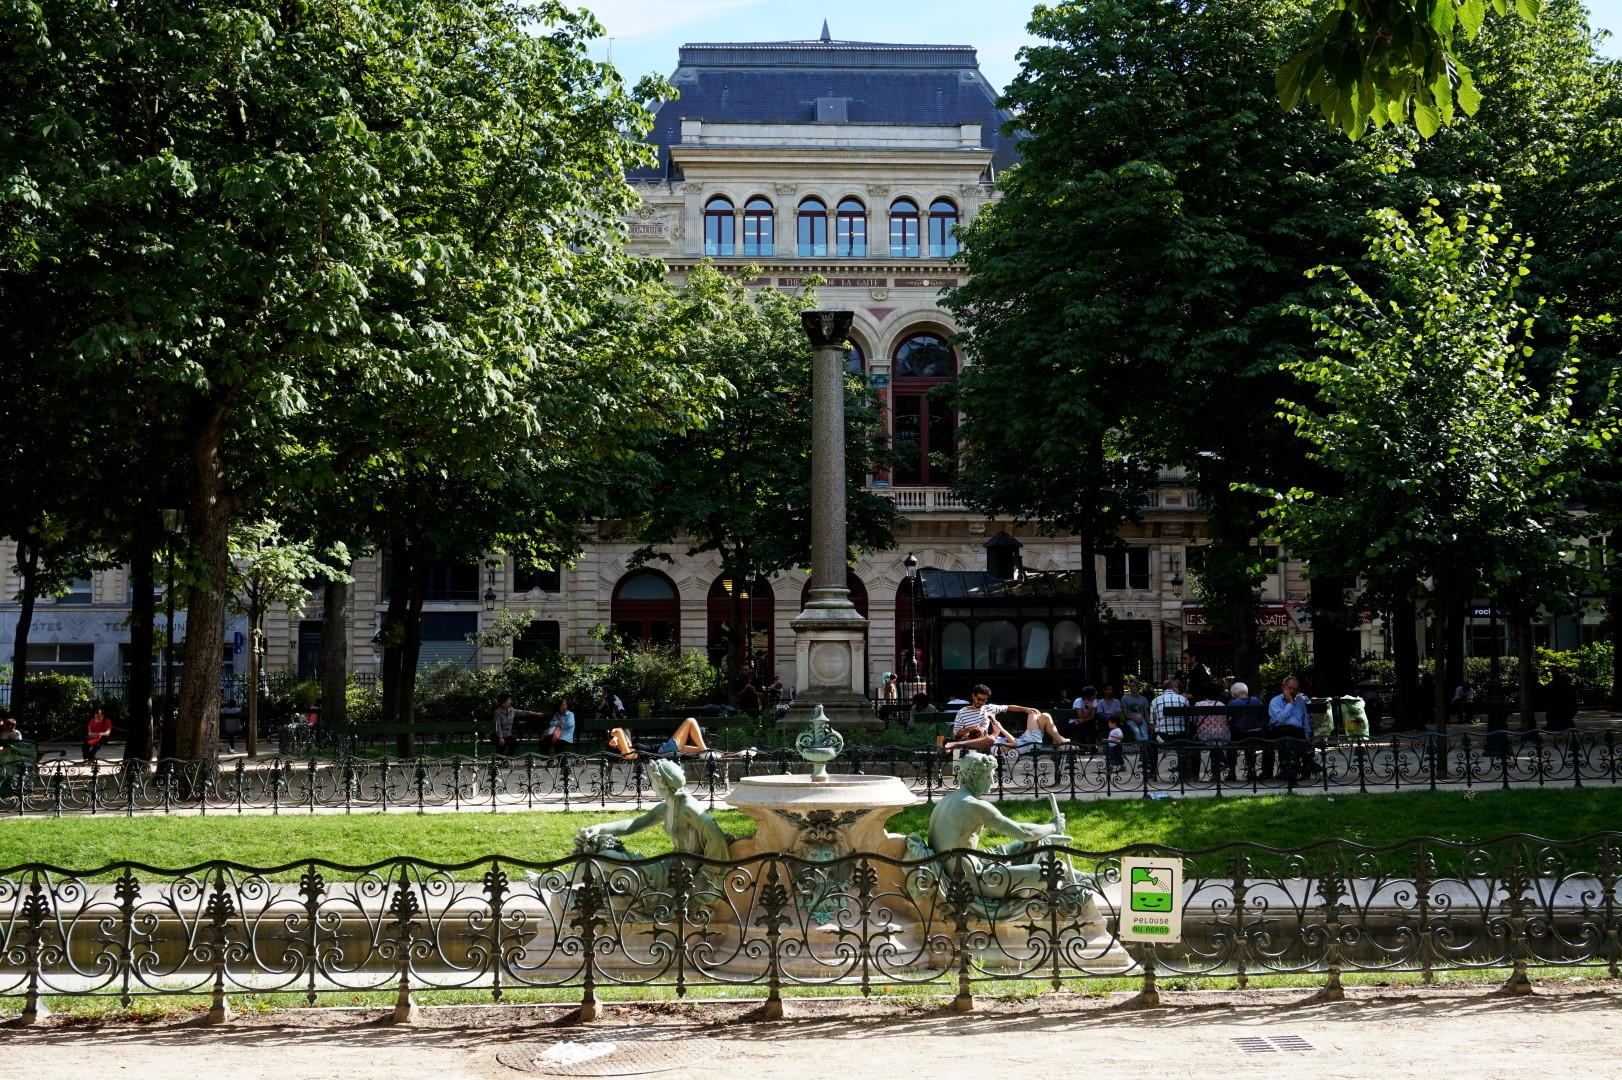 Balade dans le quartier Arts et Métier (3e) - Square E. Chautemps